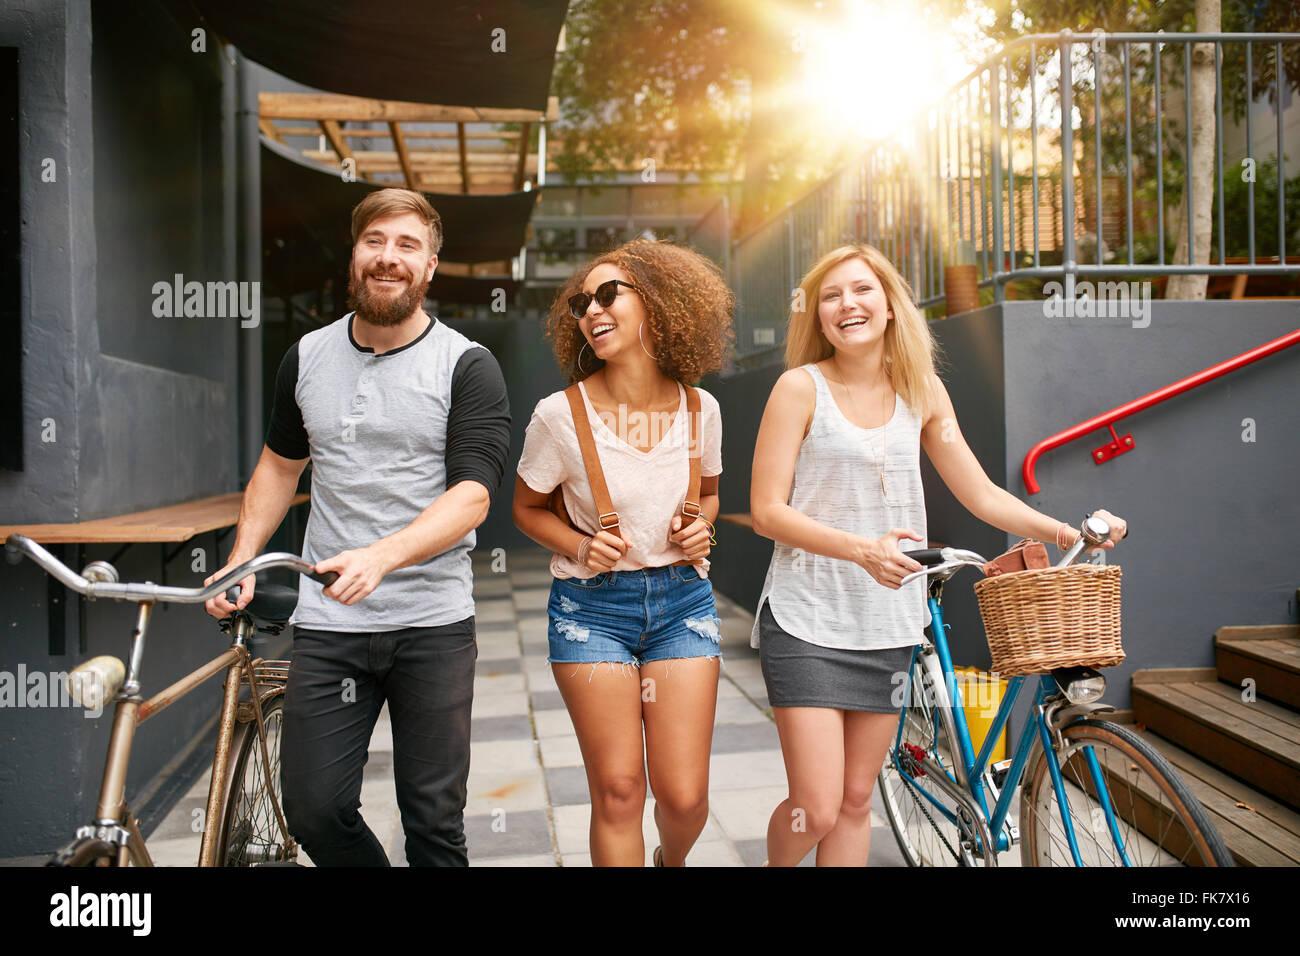 Tres jóvenes caminando juntos a divertirse. Los jóvenes con bicicletas paseos al aire libre en la ciudad. Imagen De Stock